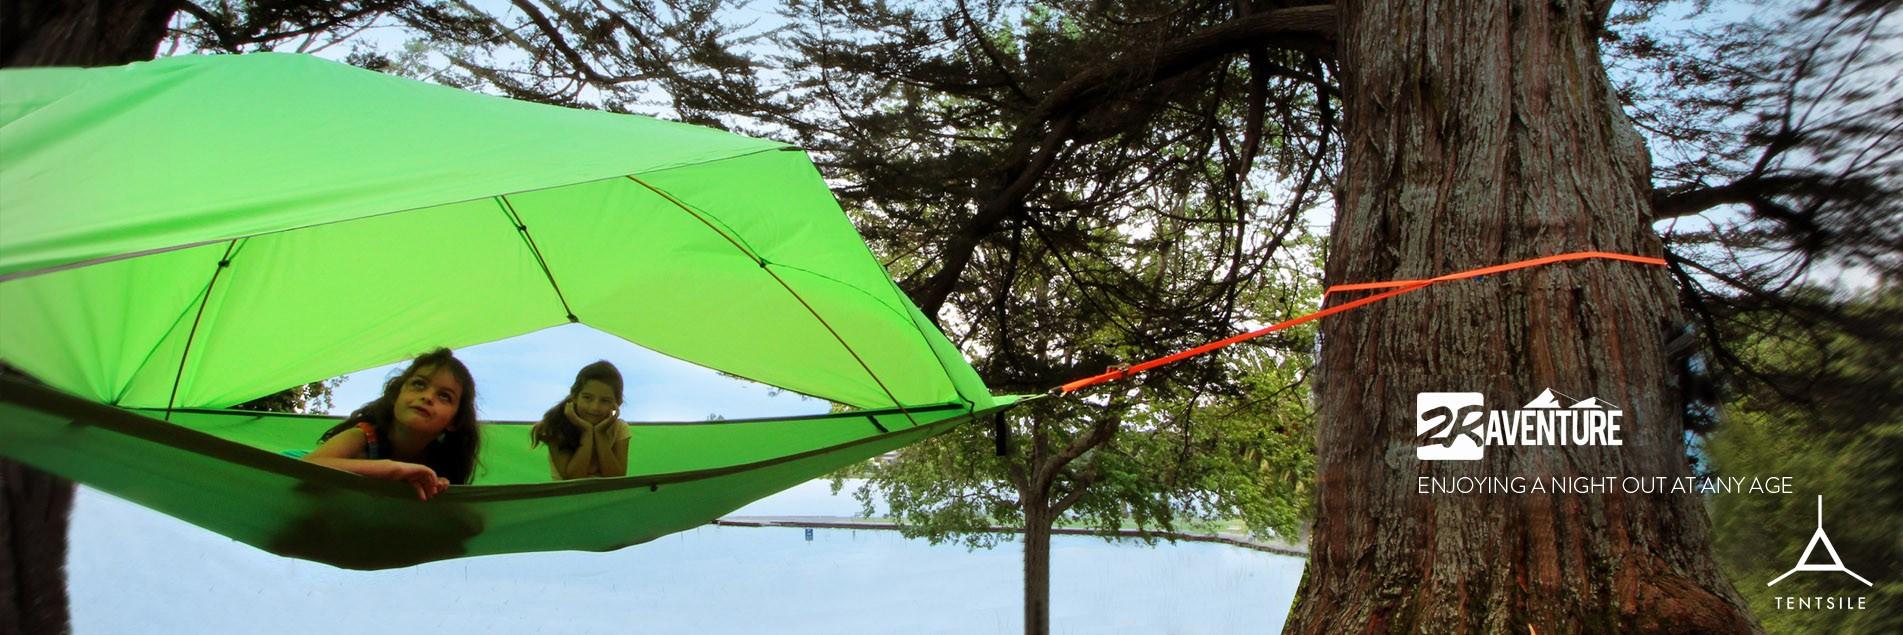 https://www.2raventure.com/en/25-tree-tents